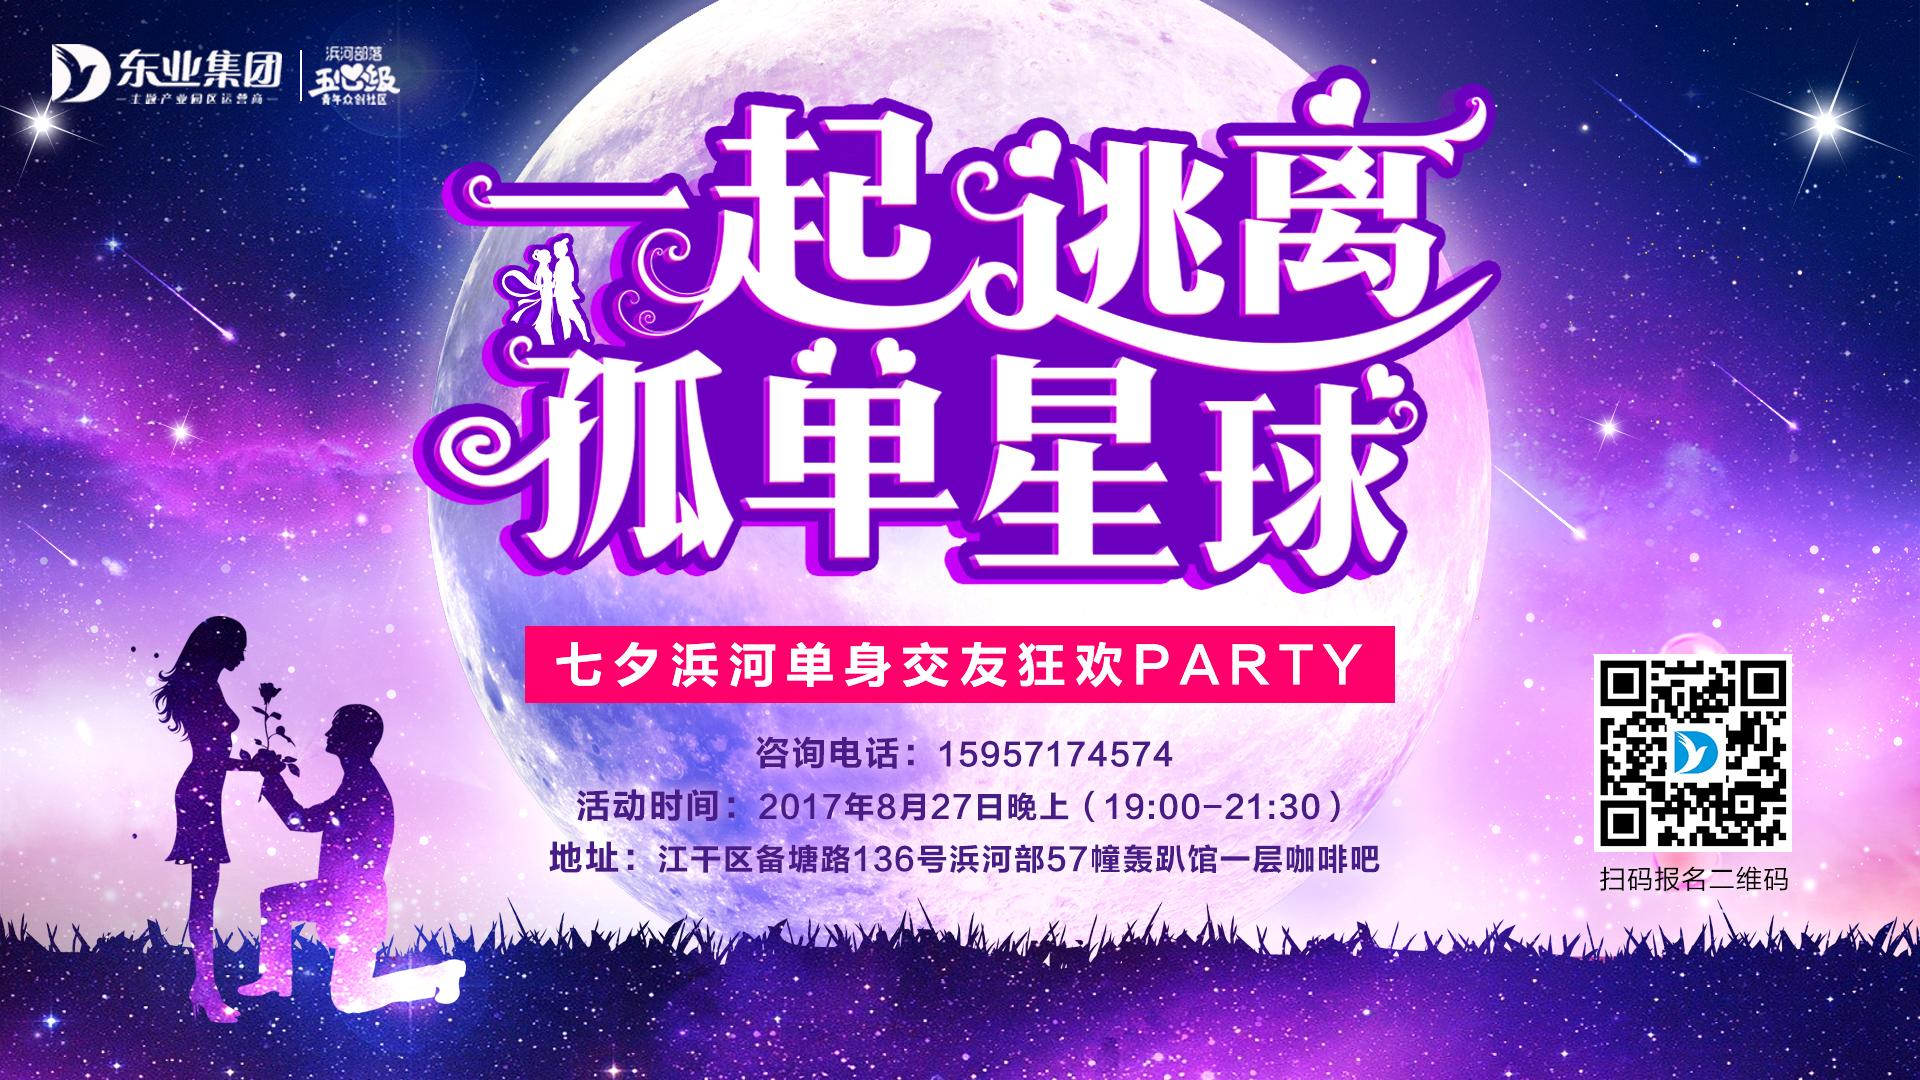 东电社 • 娱乐运动 七夕浜河单身交友狂欢PARTY